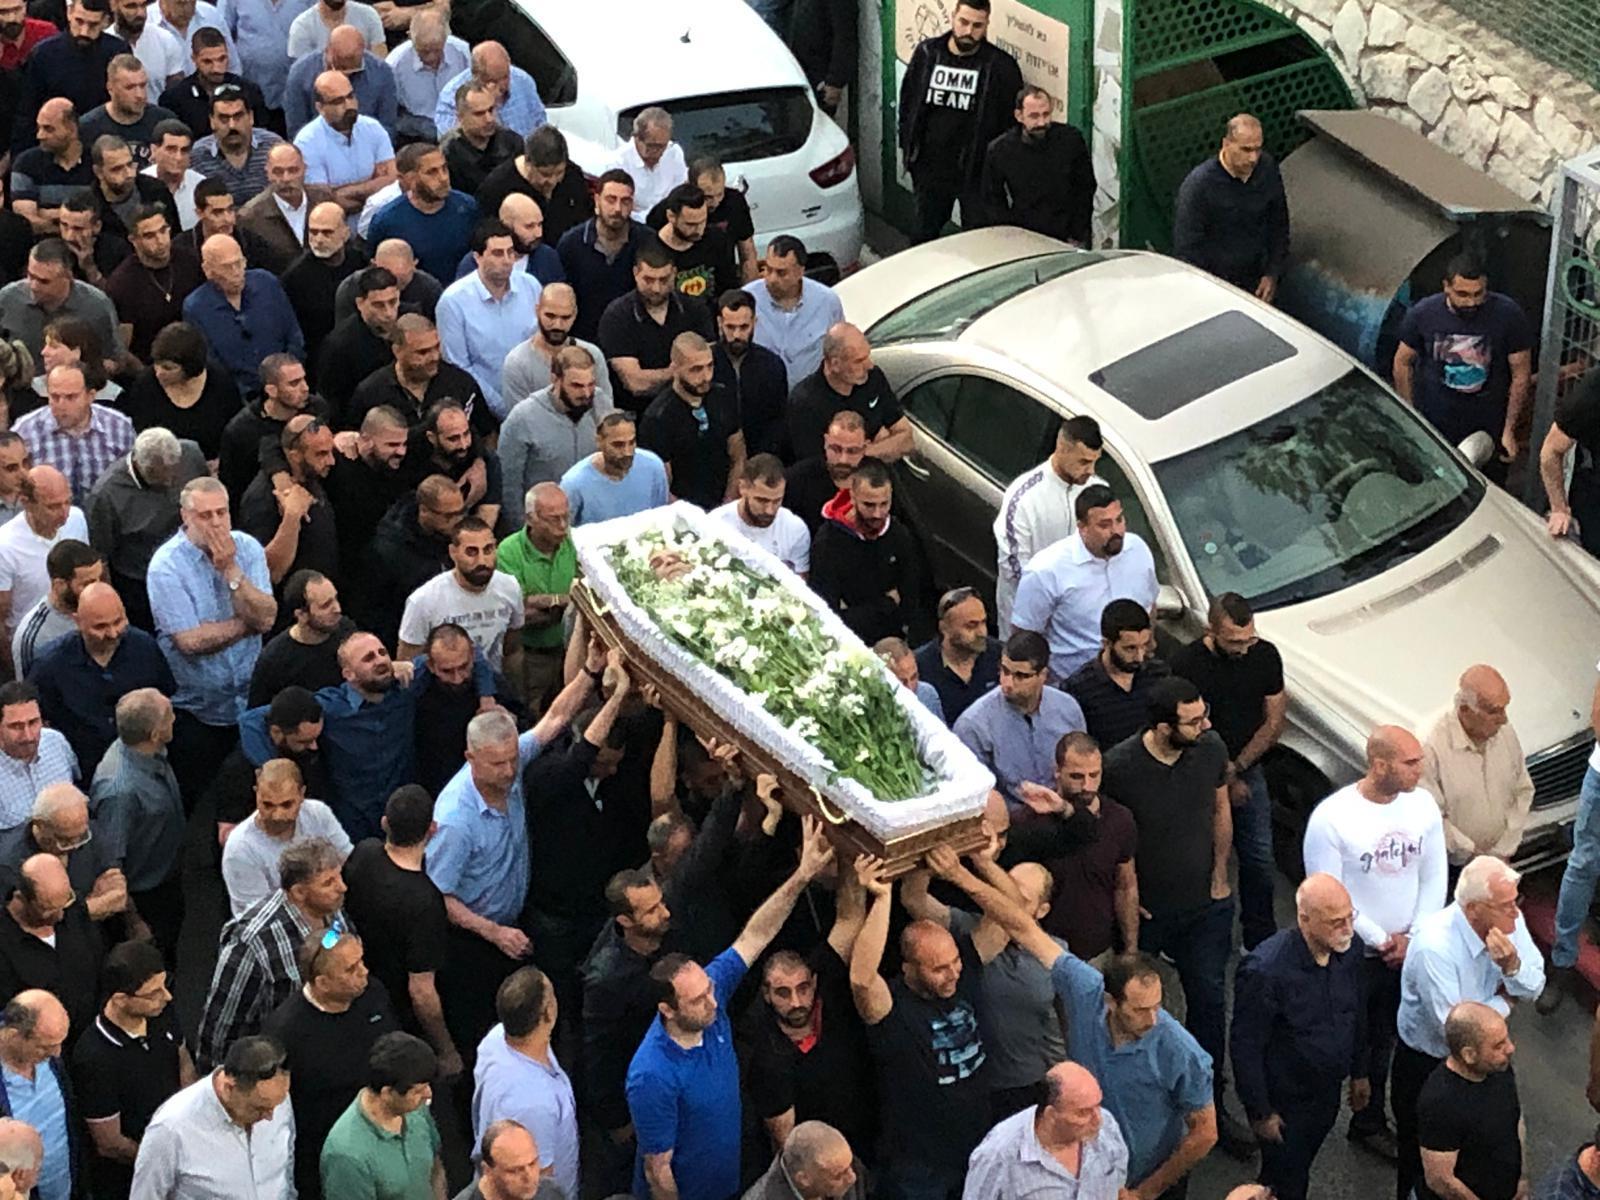 تشييع جثمان توفيق زهر ضحية جريمة القتل في الناصرة